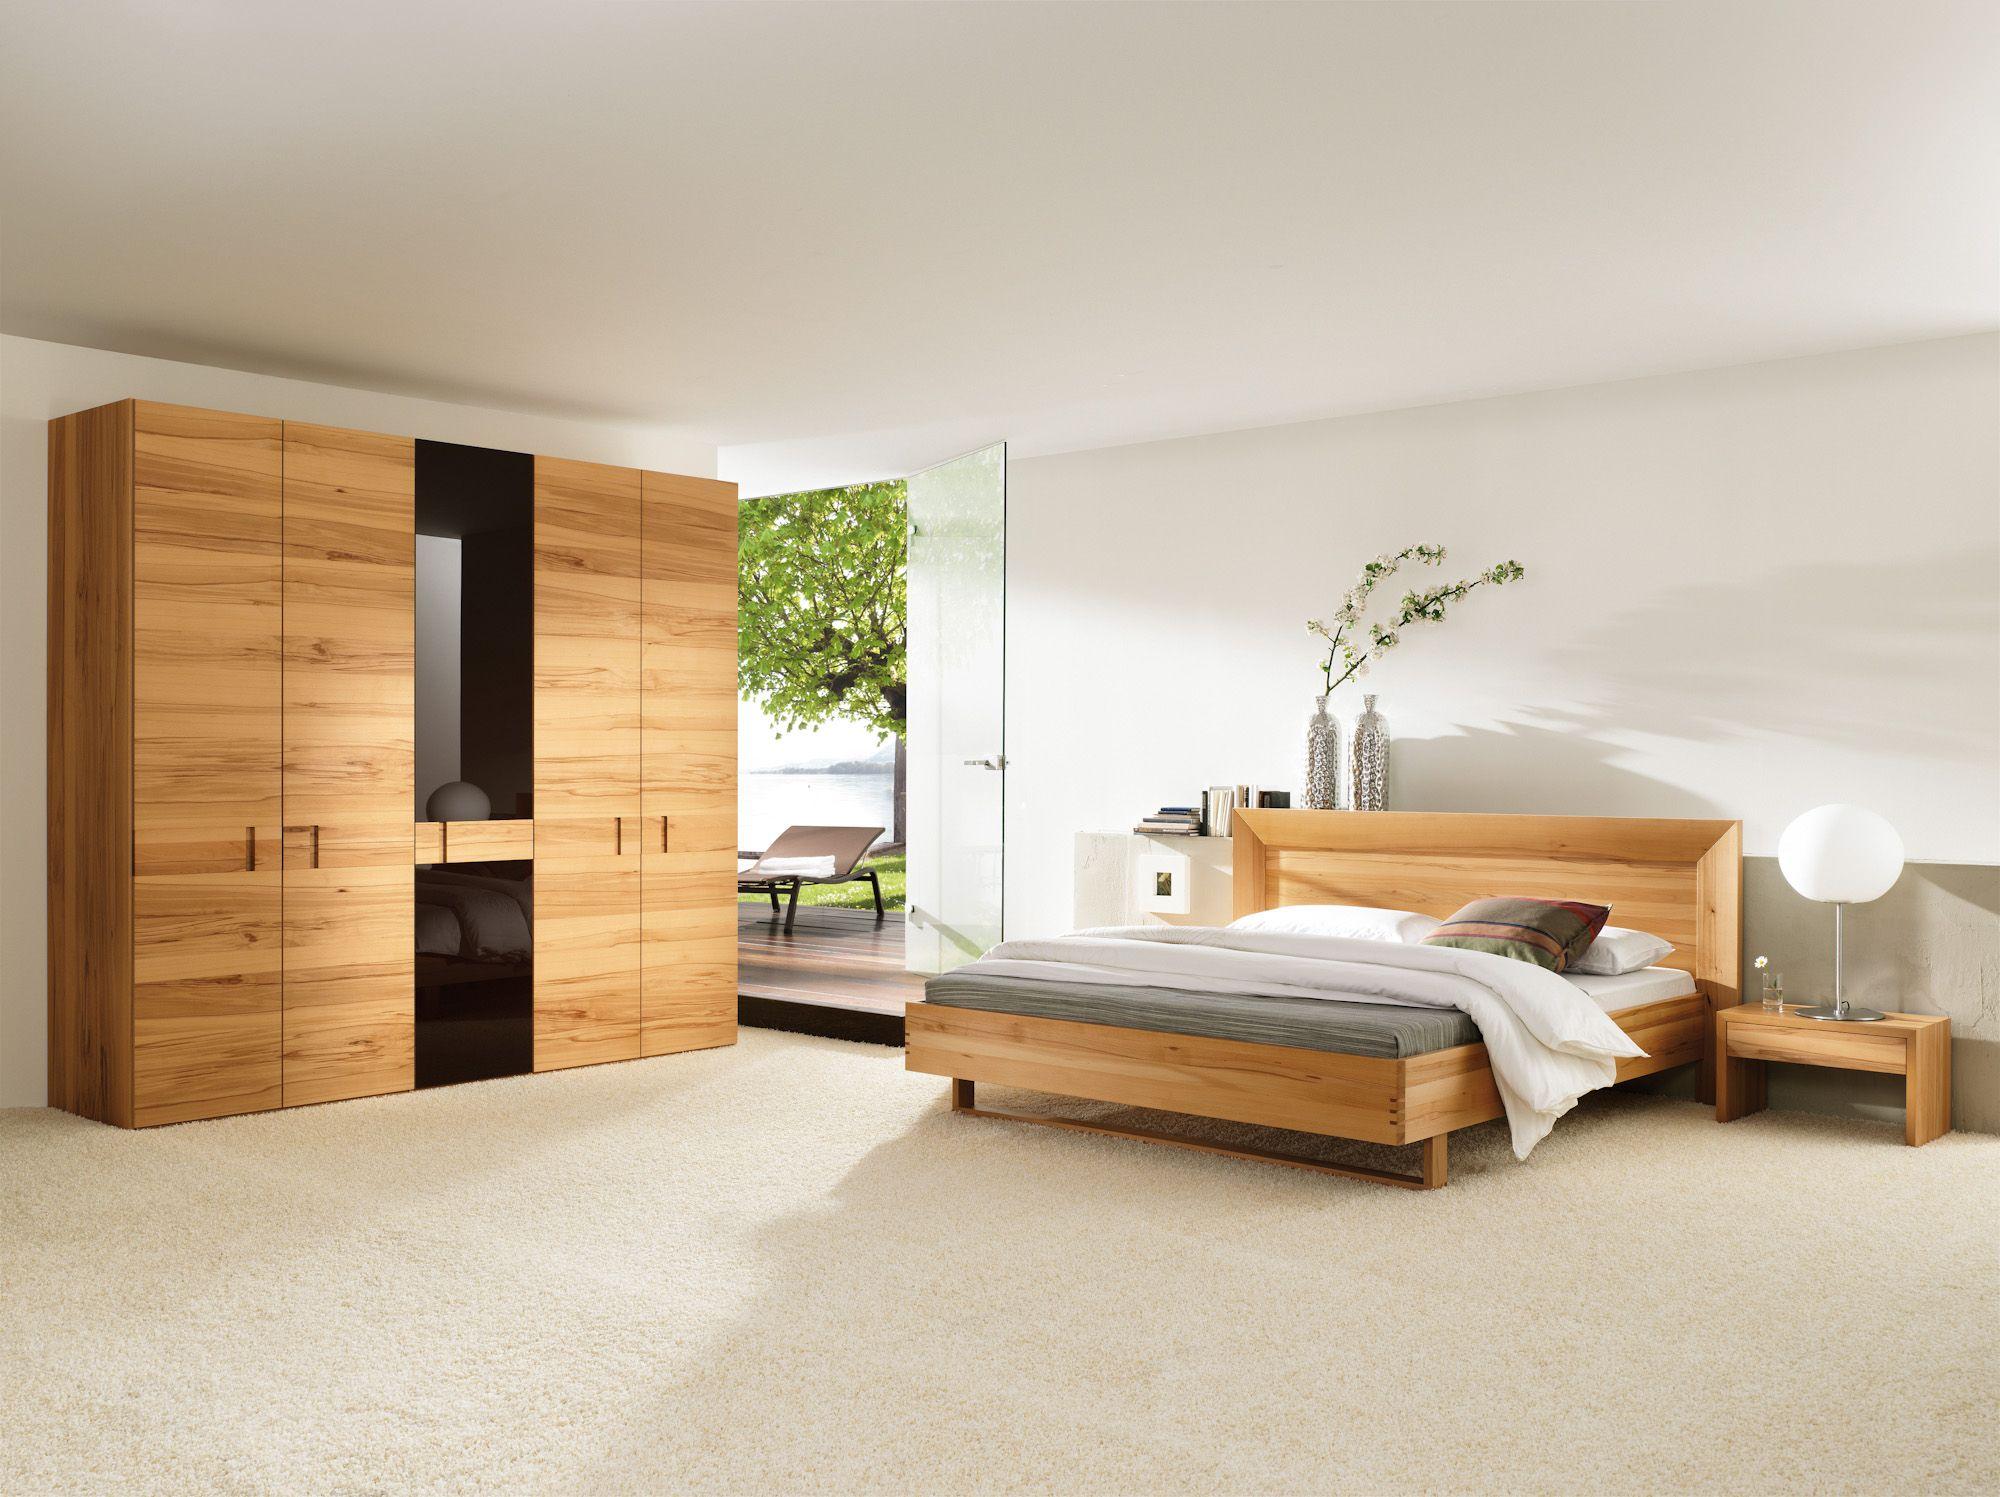 Kleiderschrank Modern Design schlafzimmer kleiderschrank doppelbett nachttische kernbuche